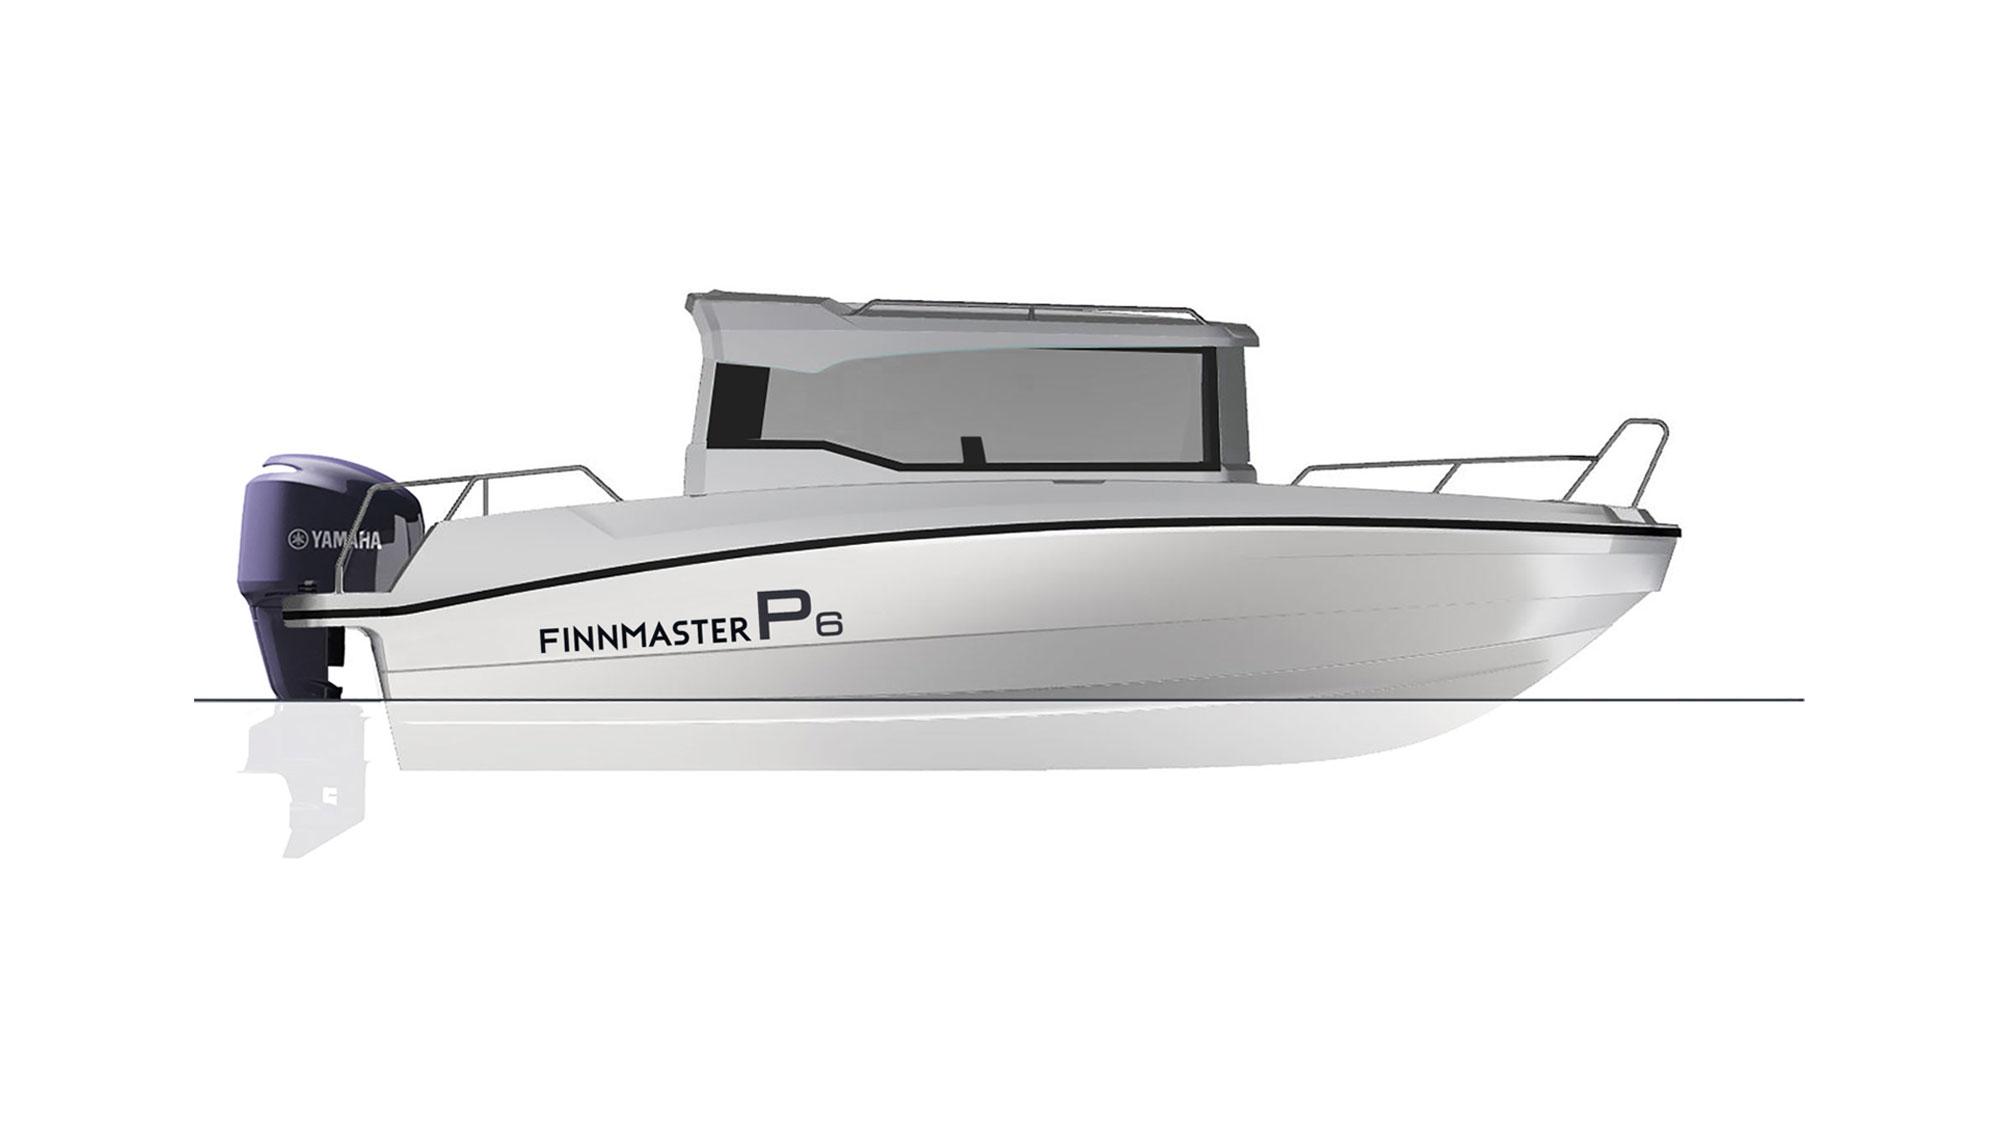 Finnmaster P6